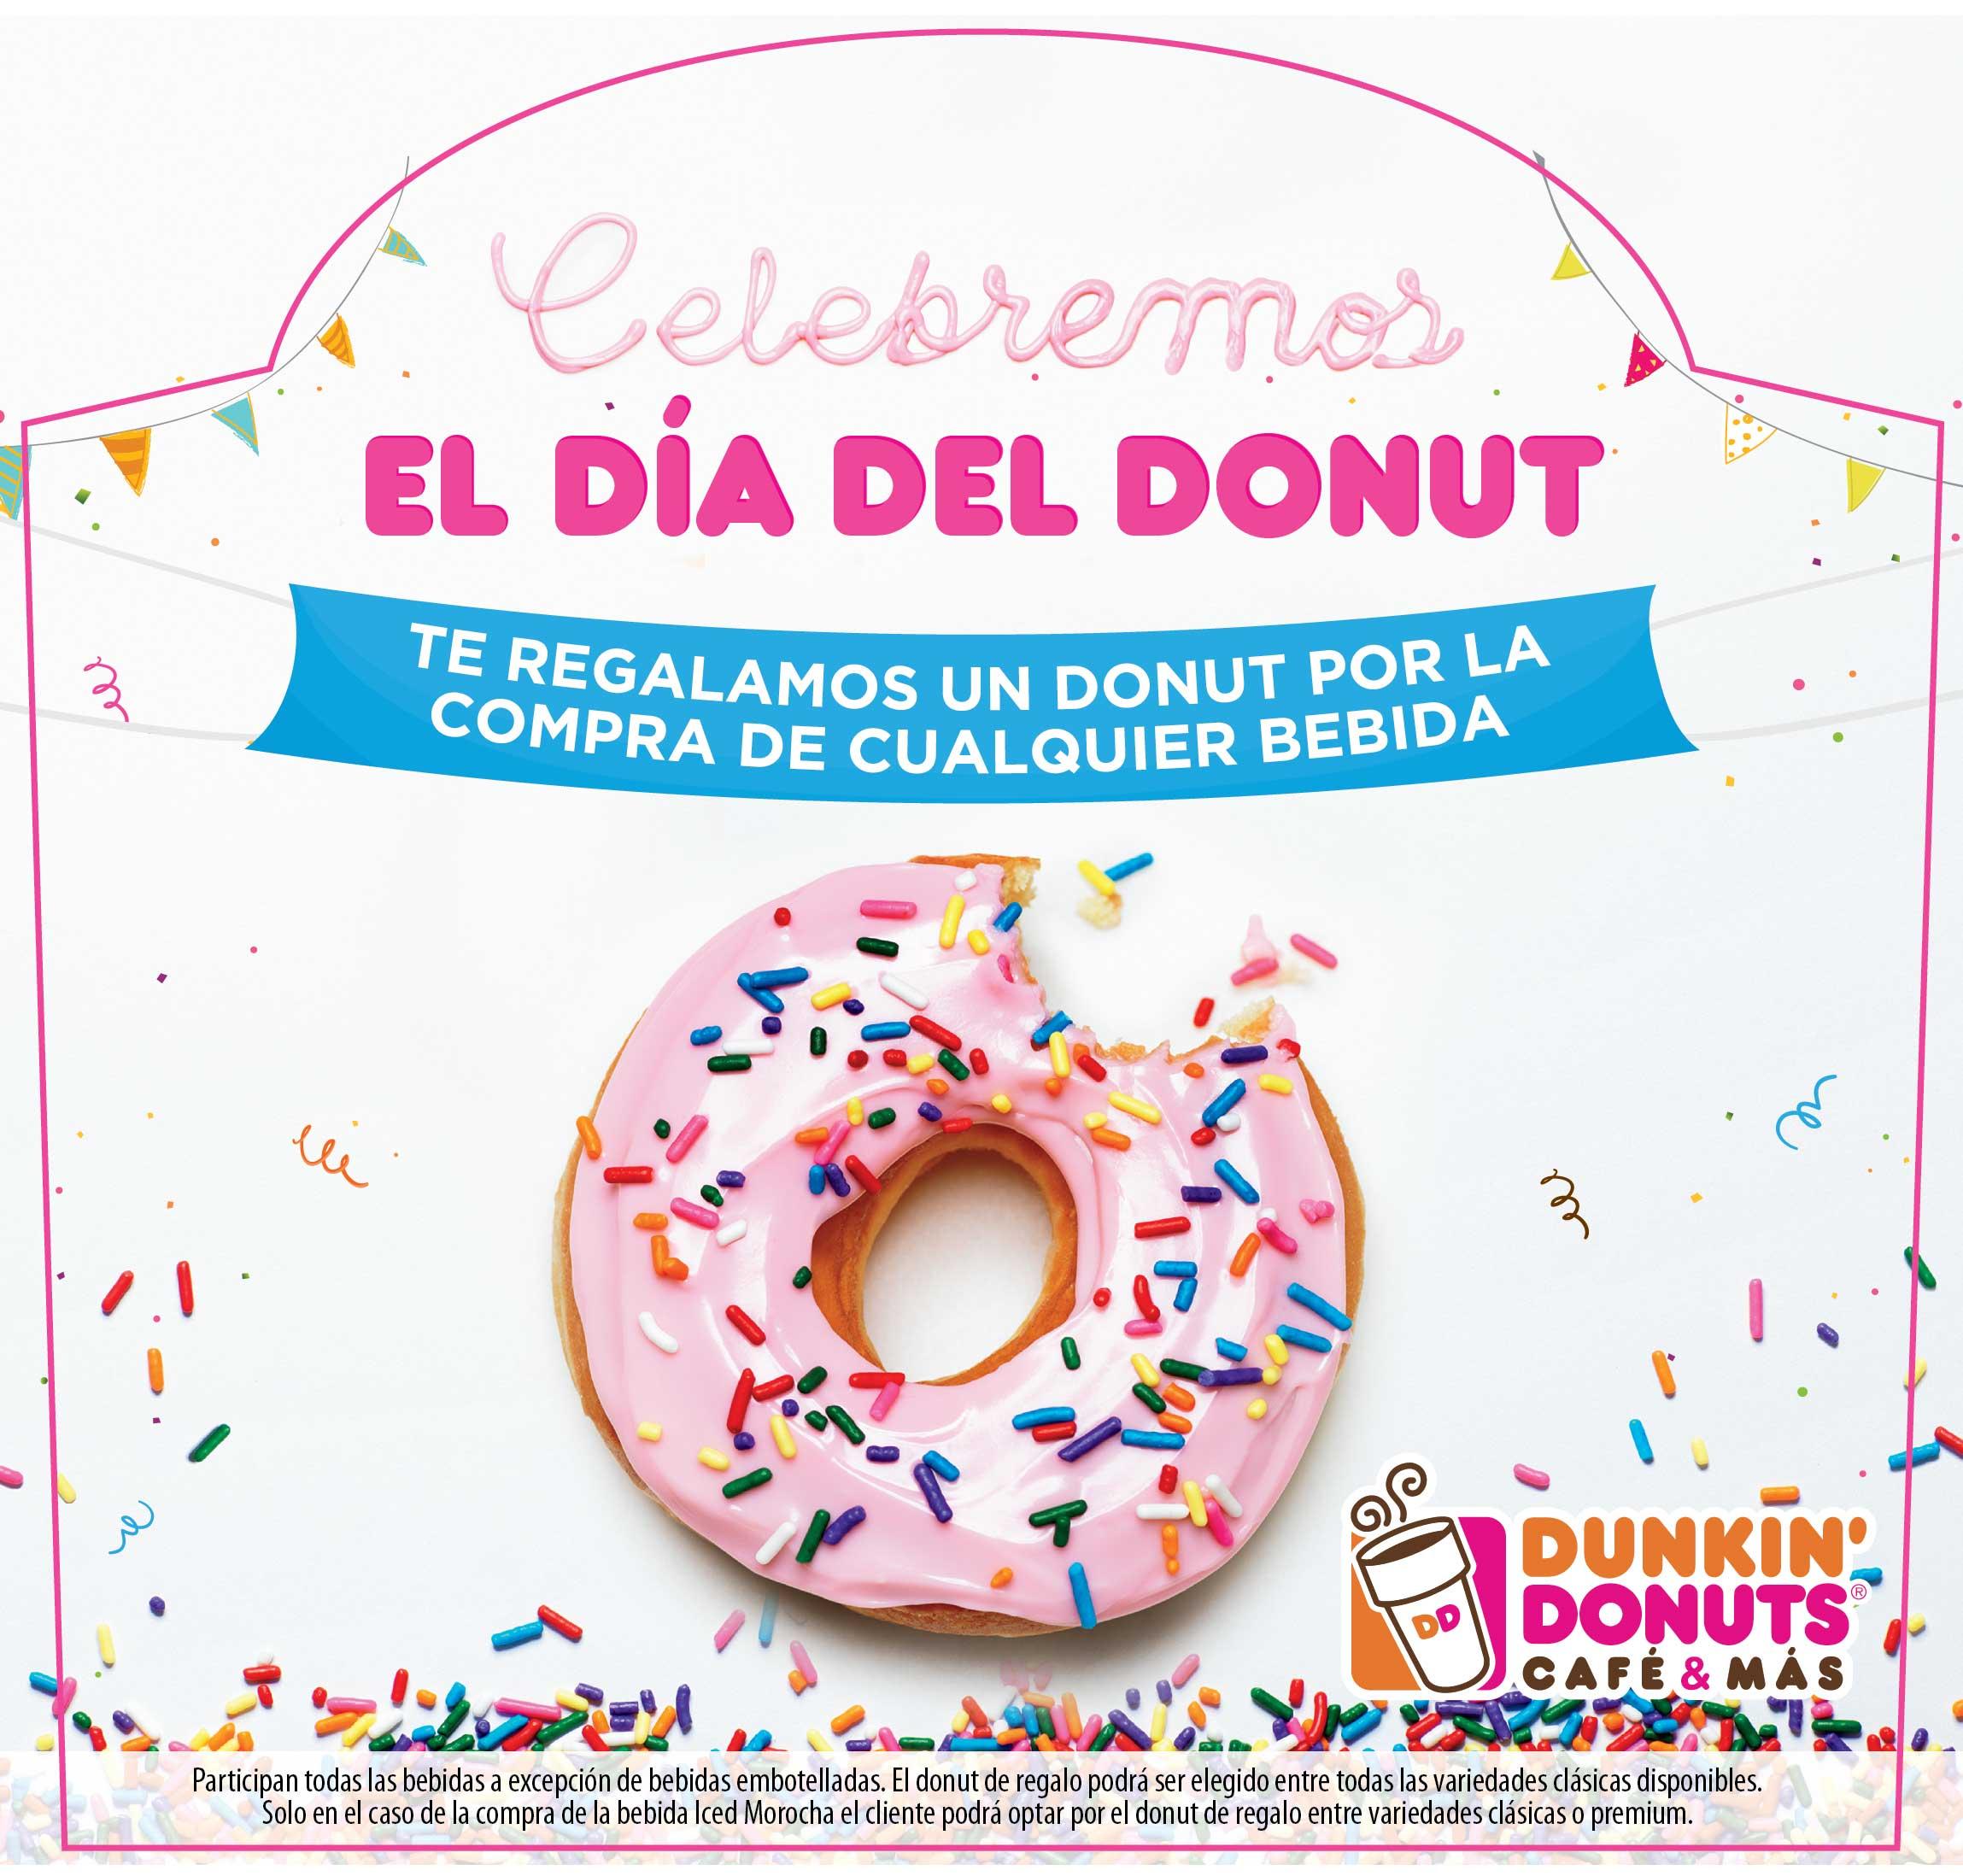 DIA DONUT - Dunkin' Donuts regalará donas hoy en todo el Perú